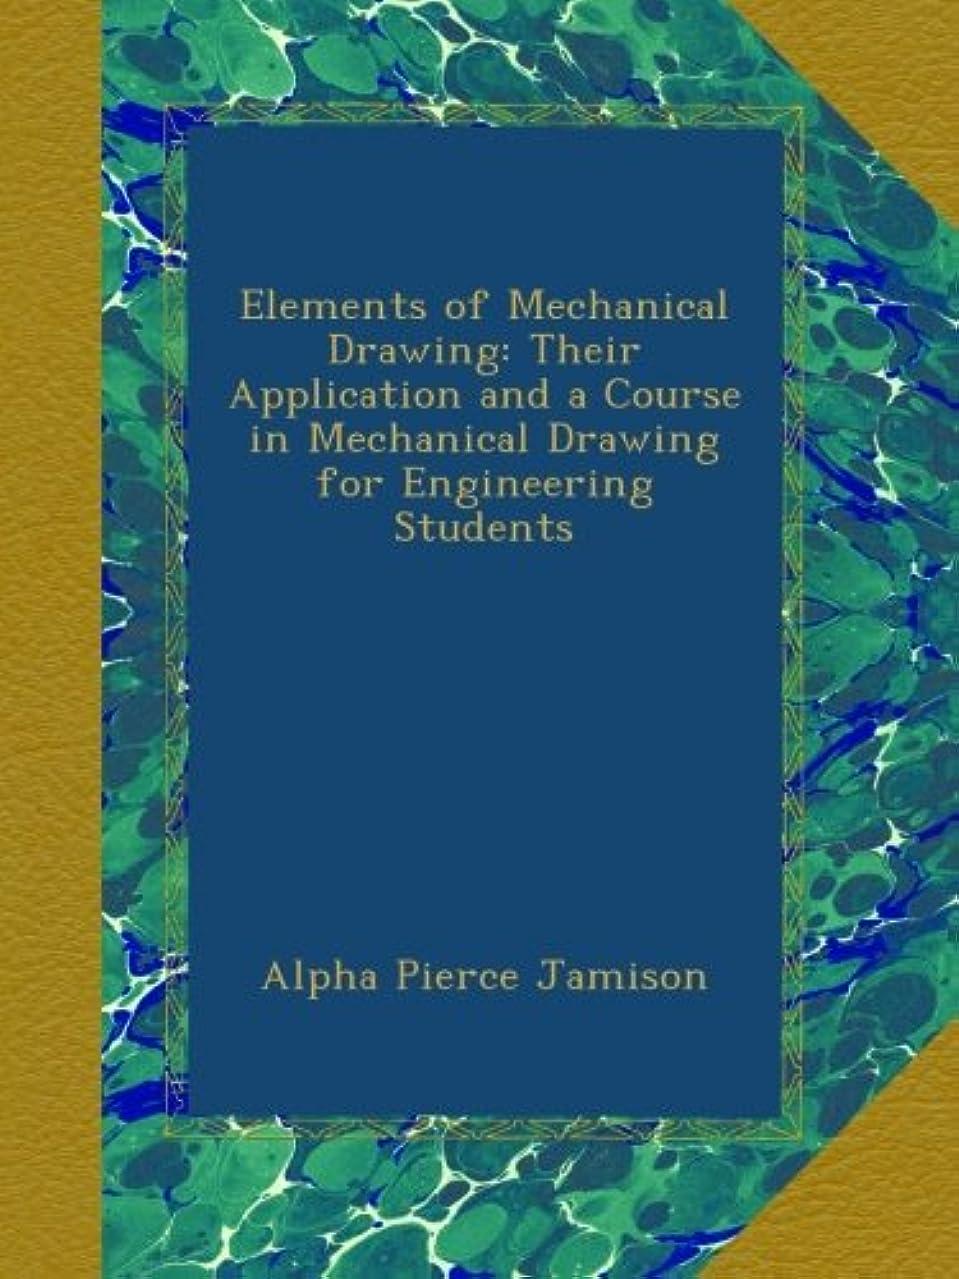 しないリルサイトラインElements of Mechanical Drawing: Their Application and a Course in Mechanical Drawing for Engineering Students